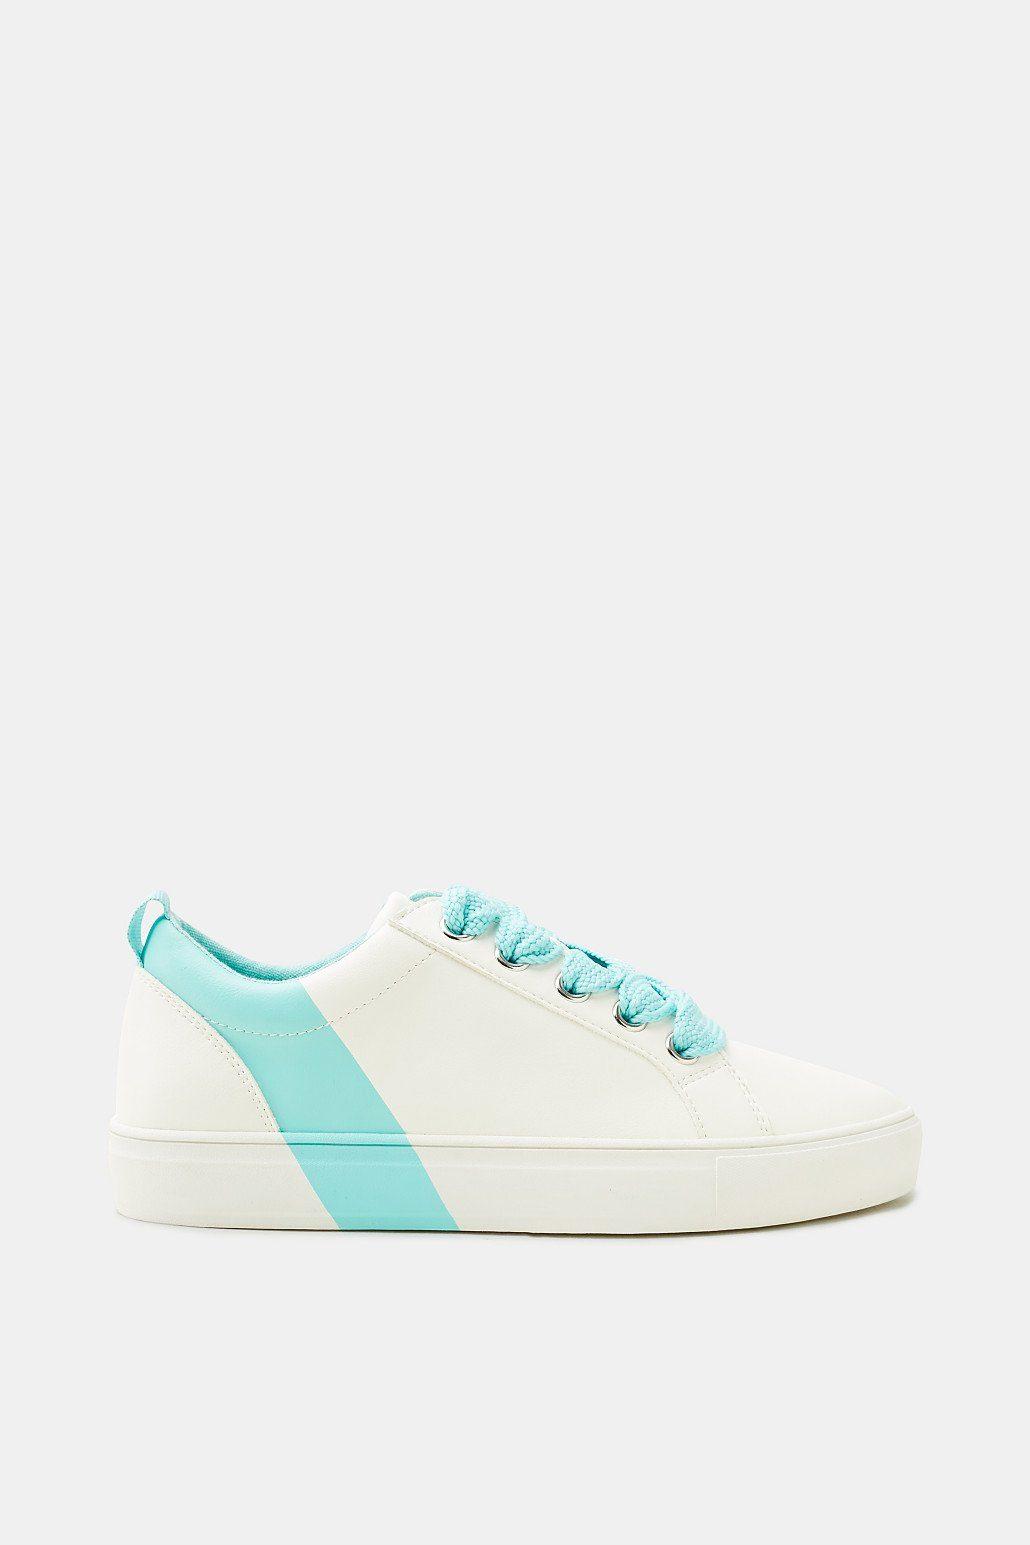 Esprit Sneaker mit Farbakzent, in Leder-Optik für Damen, Größe 37, Aqua Green